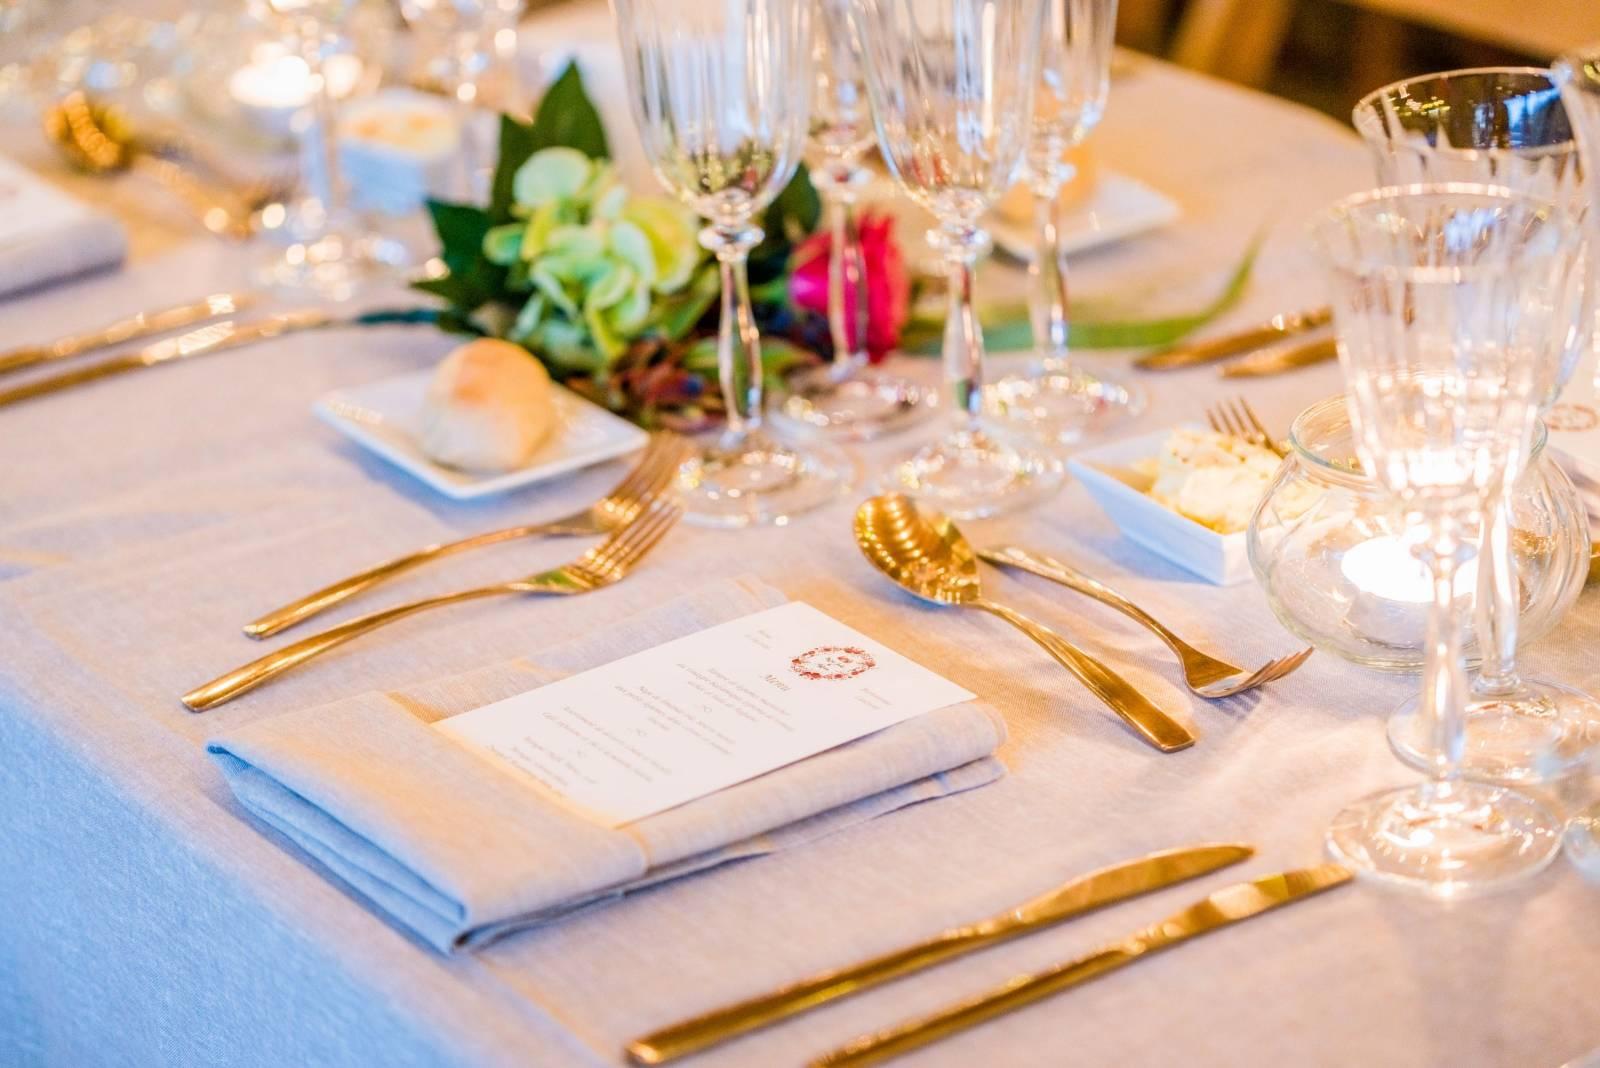 Biorganic - Catering - Cateraar - Traiteur - Biologisch - House of Weddings - 15